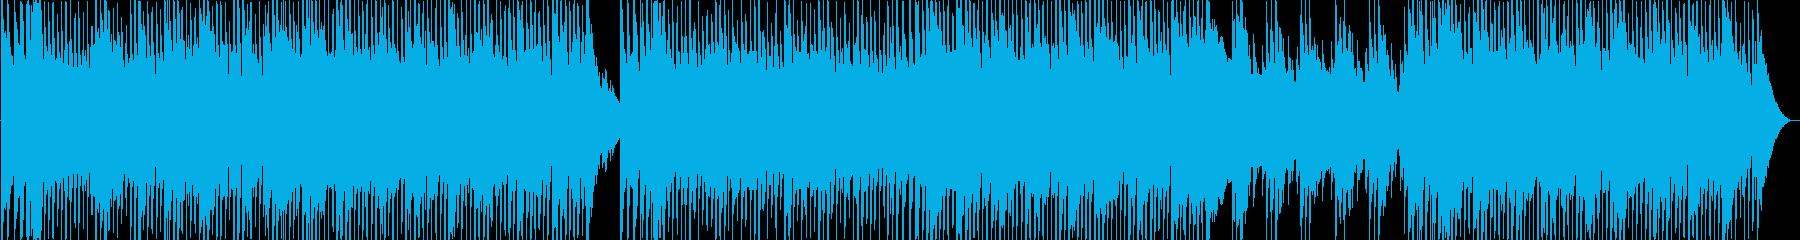 明るくポップなフォークサウンドの再生済みの波形